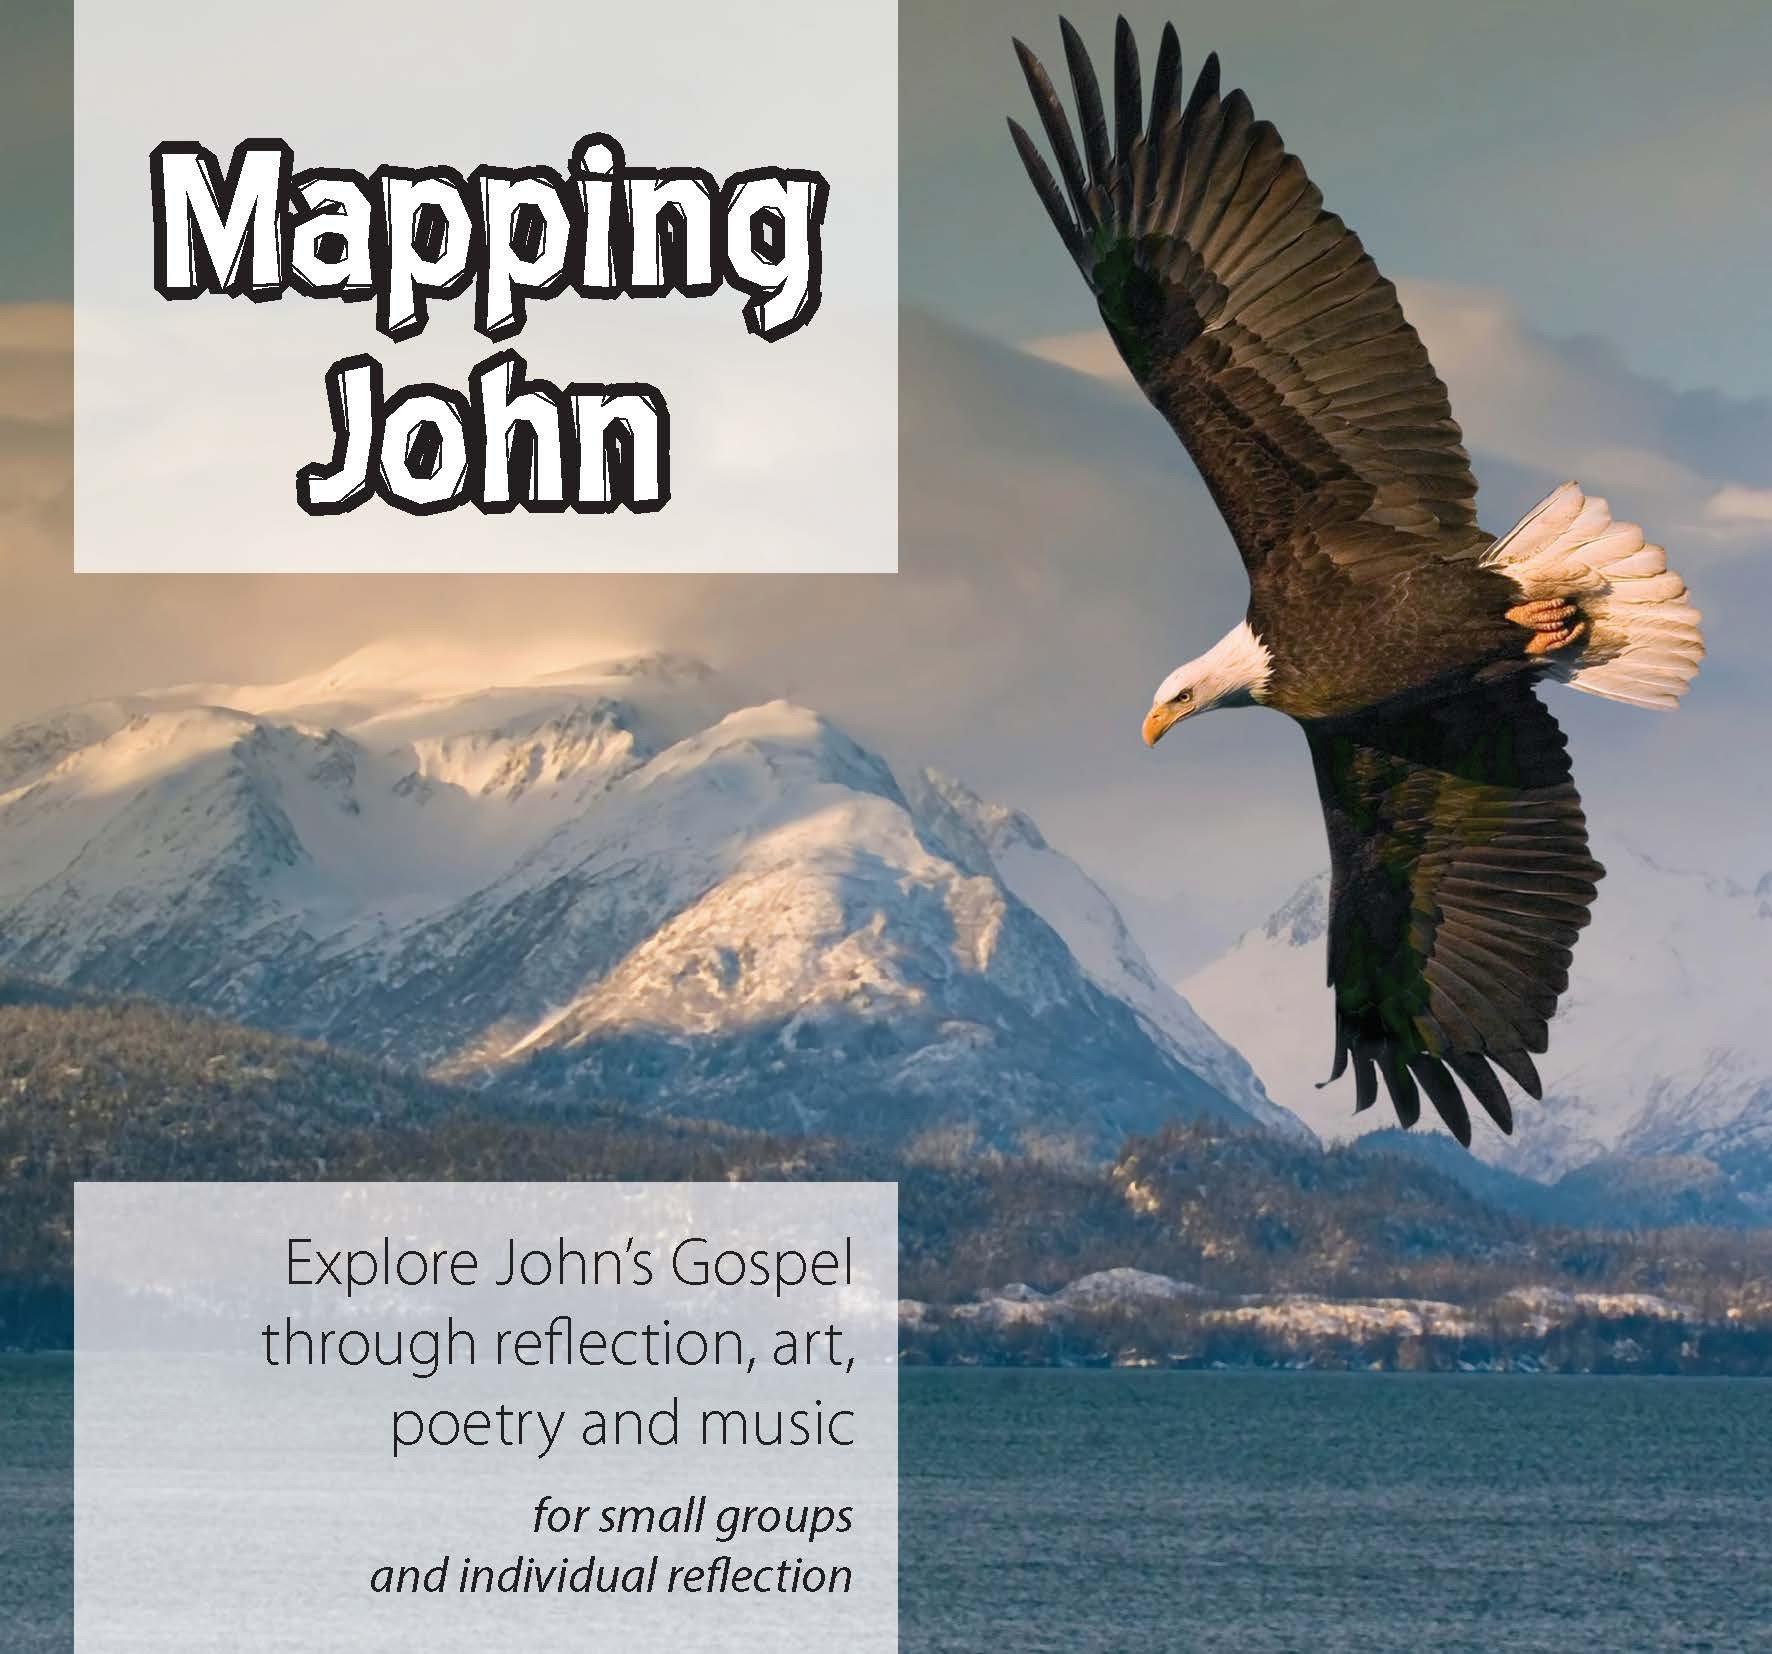 Mapping_the_Gospels_-_John.jpg